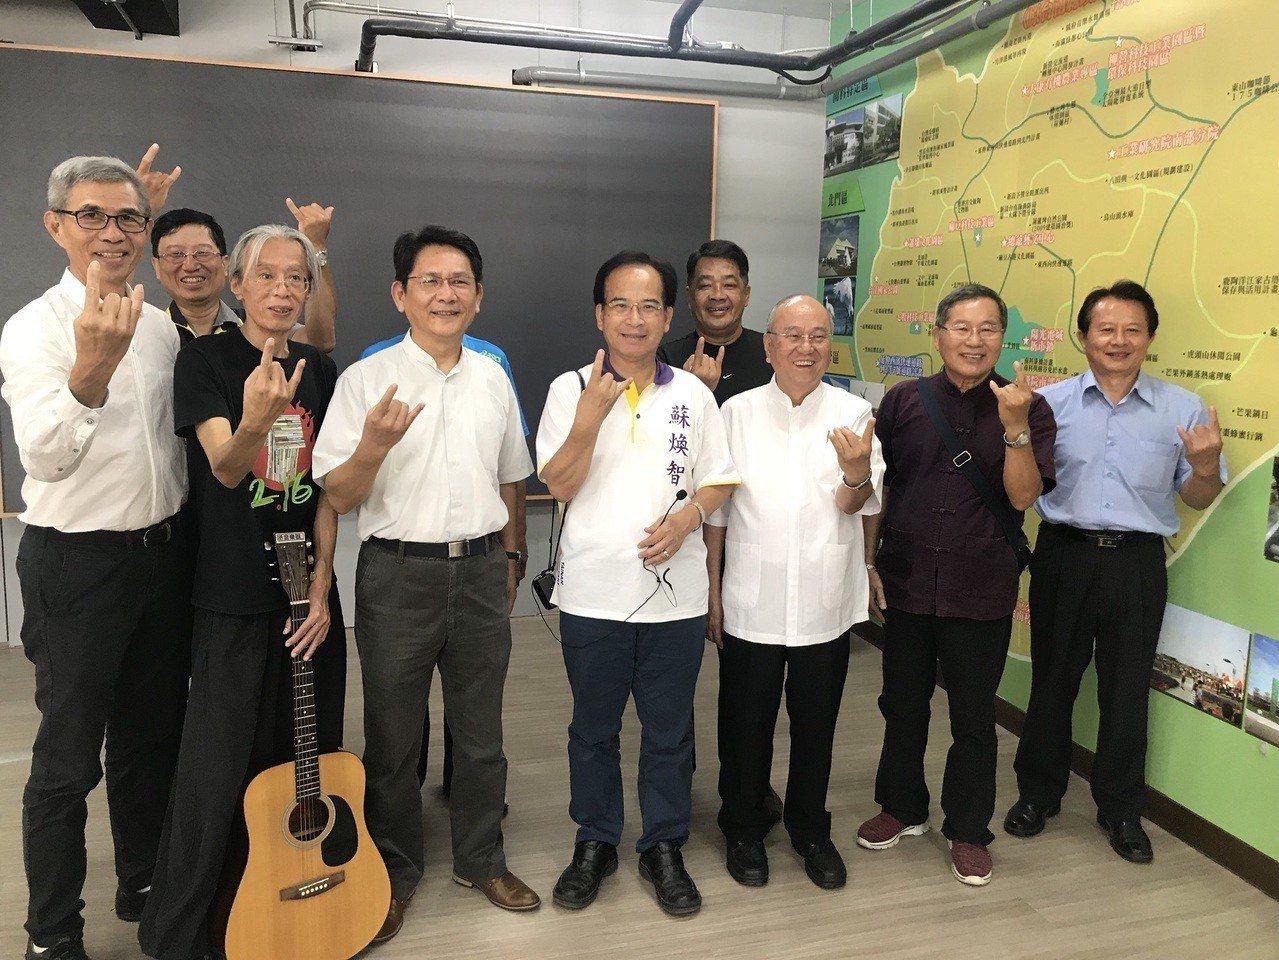 無黨籍台南市長參選人蘇煥智(前排右四)今宣布將於9月30日舉行競選總部成立大會。...